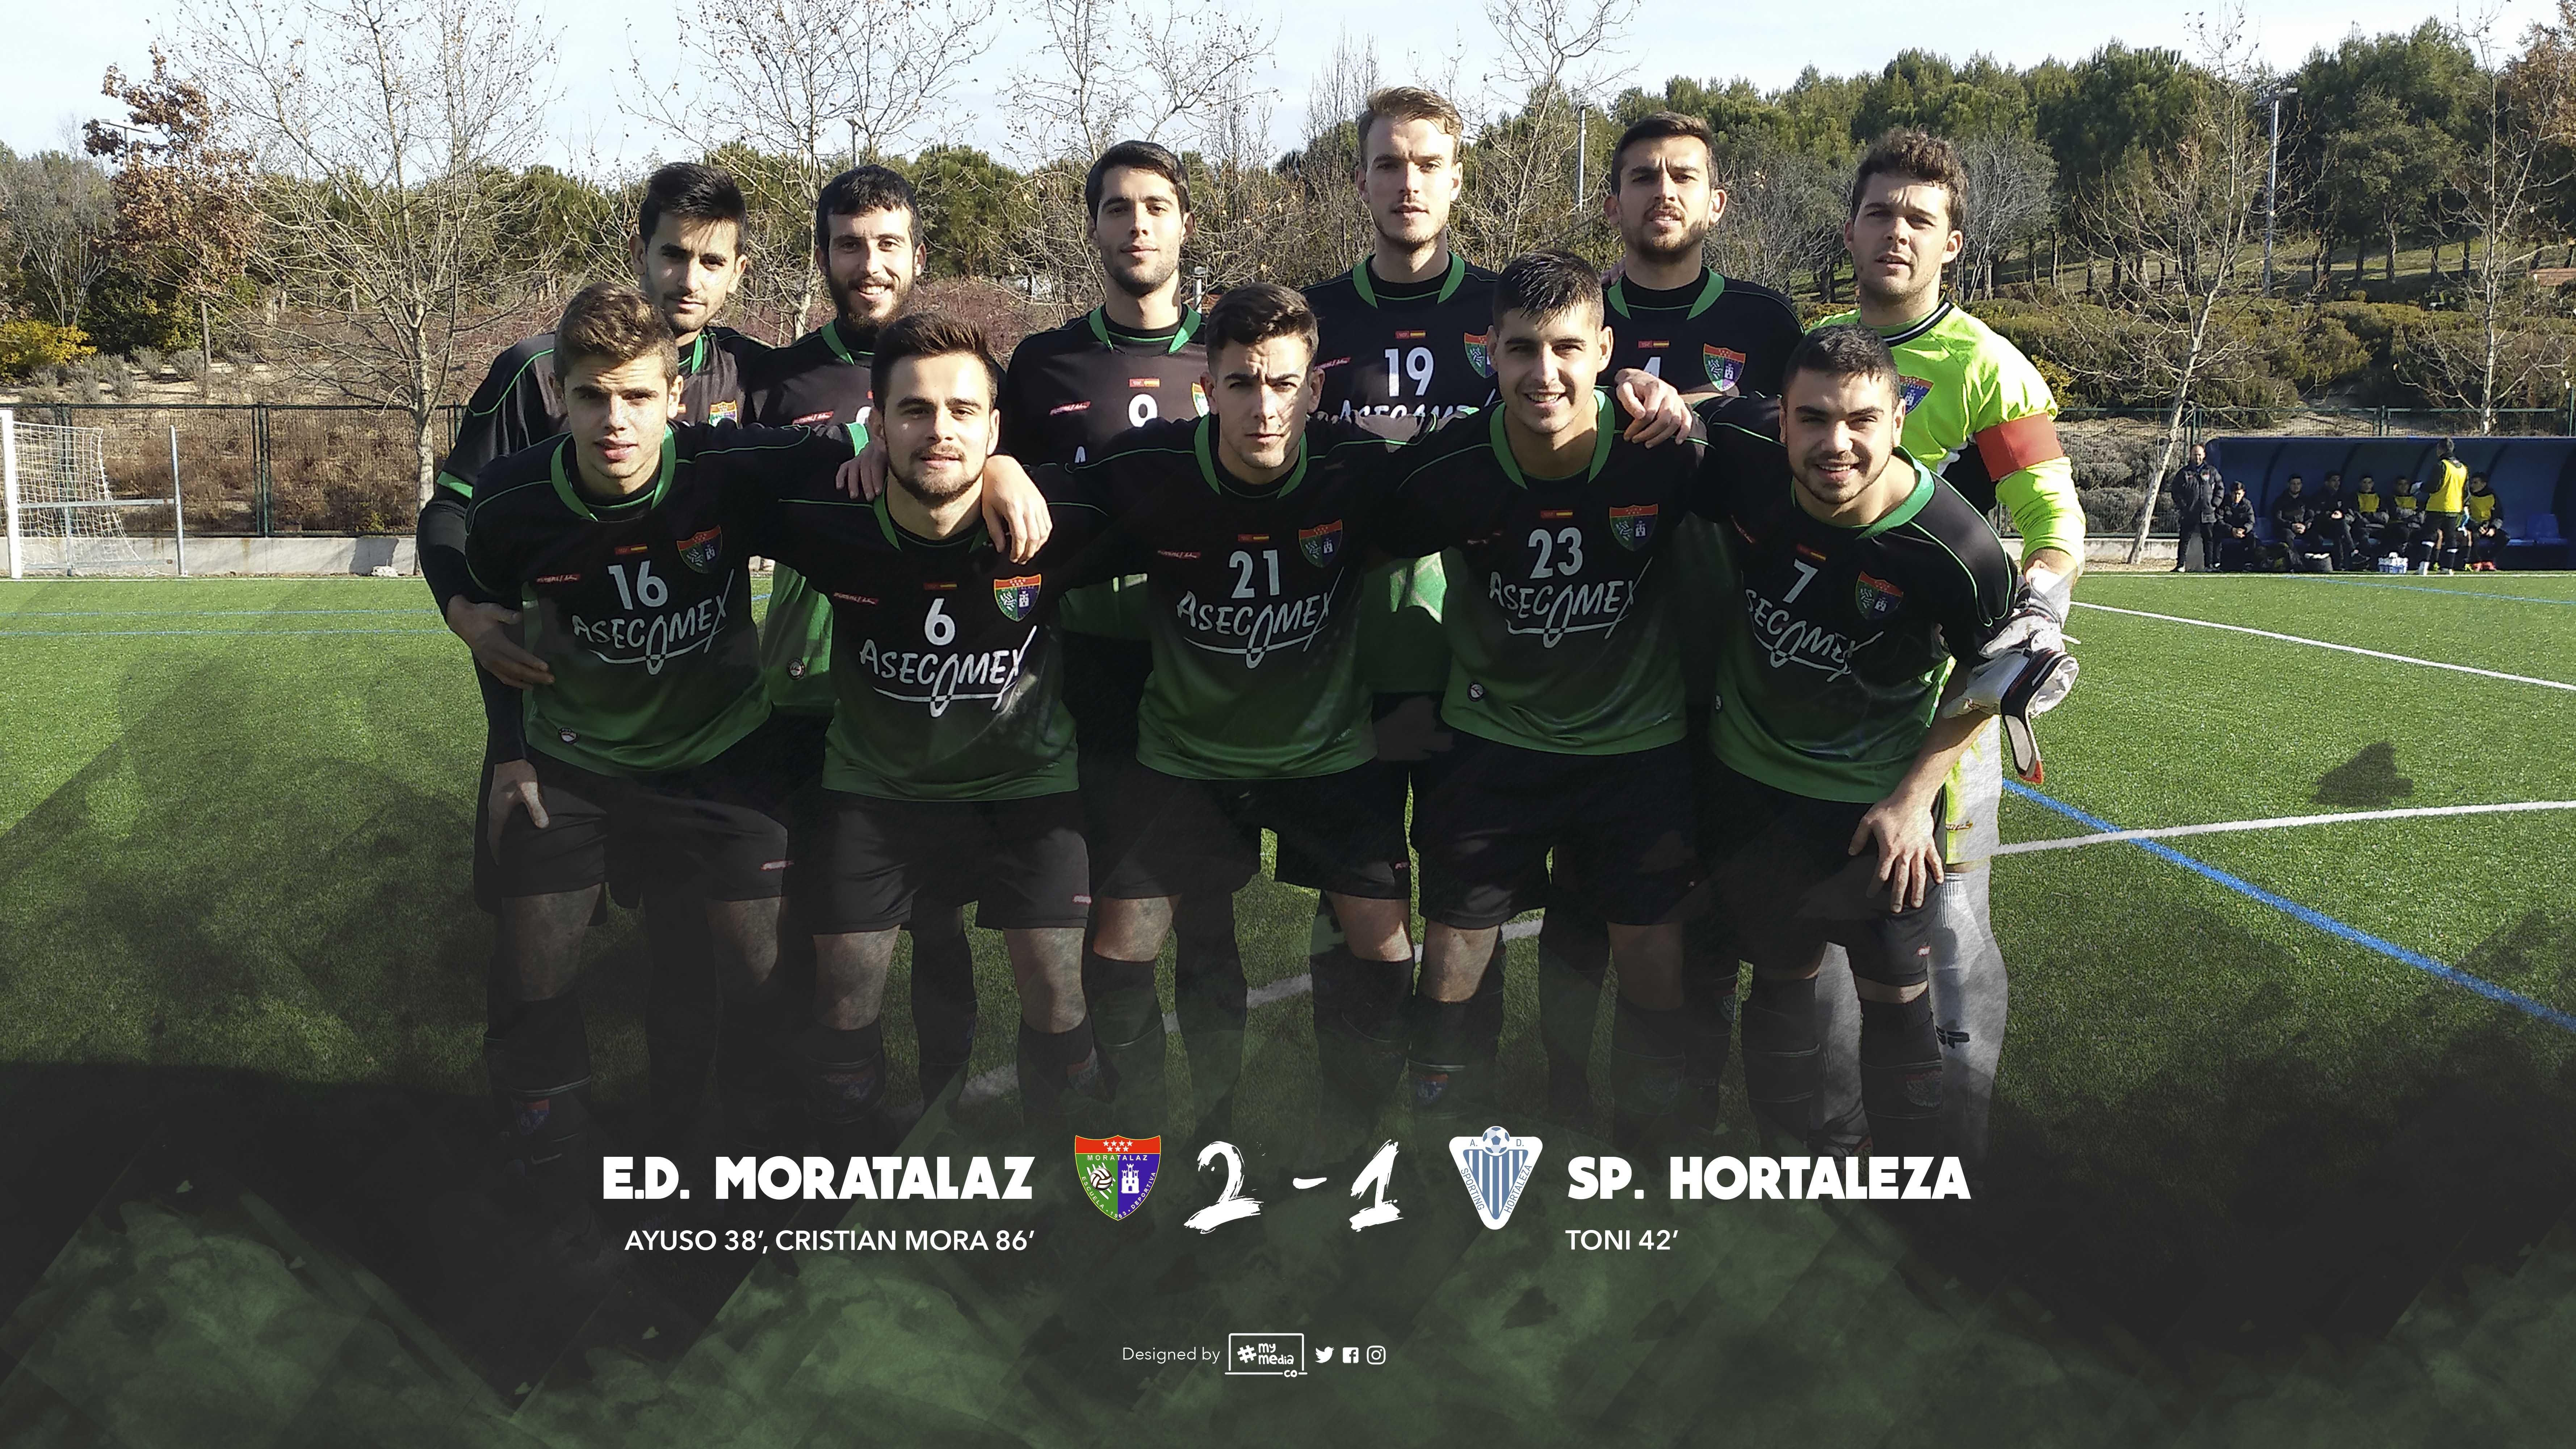 Crónica y fotos del partido Primer Equipo 2-1 Sporting de Hortaleza A